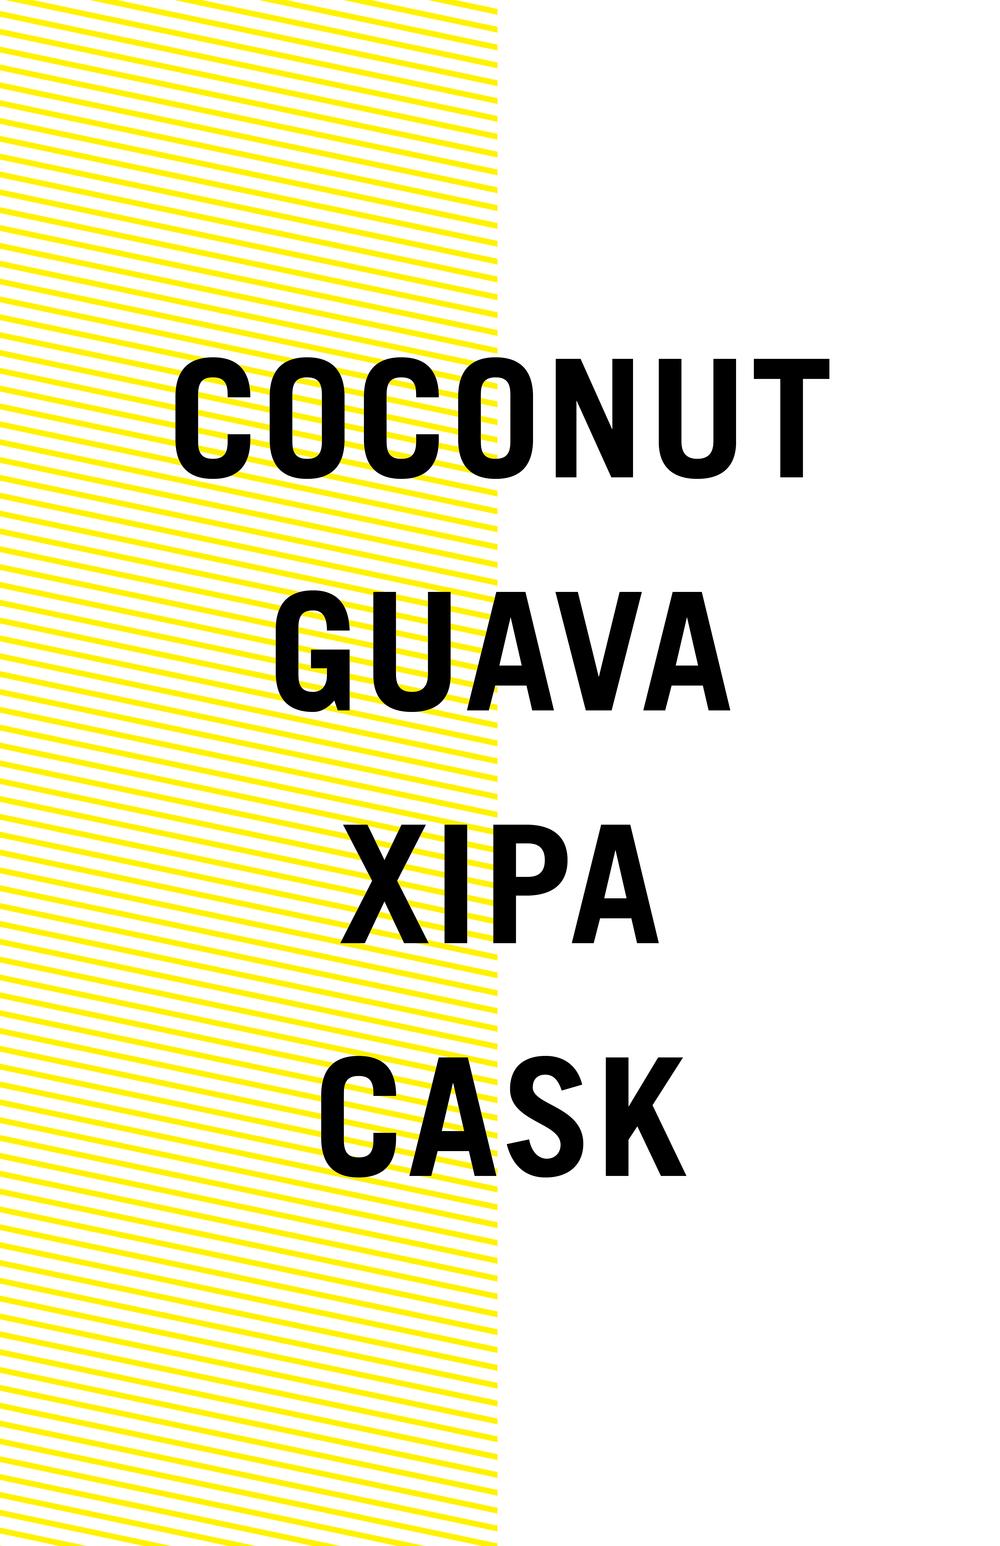 CoconutCask-03.png